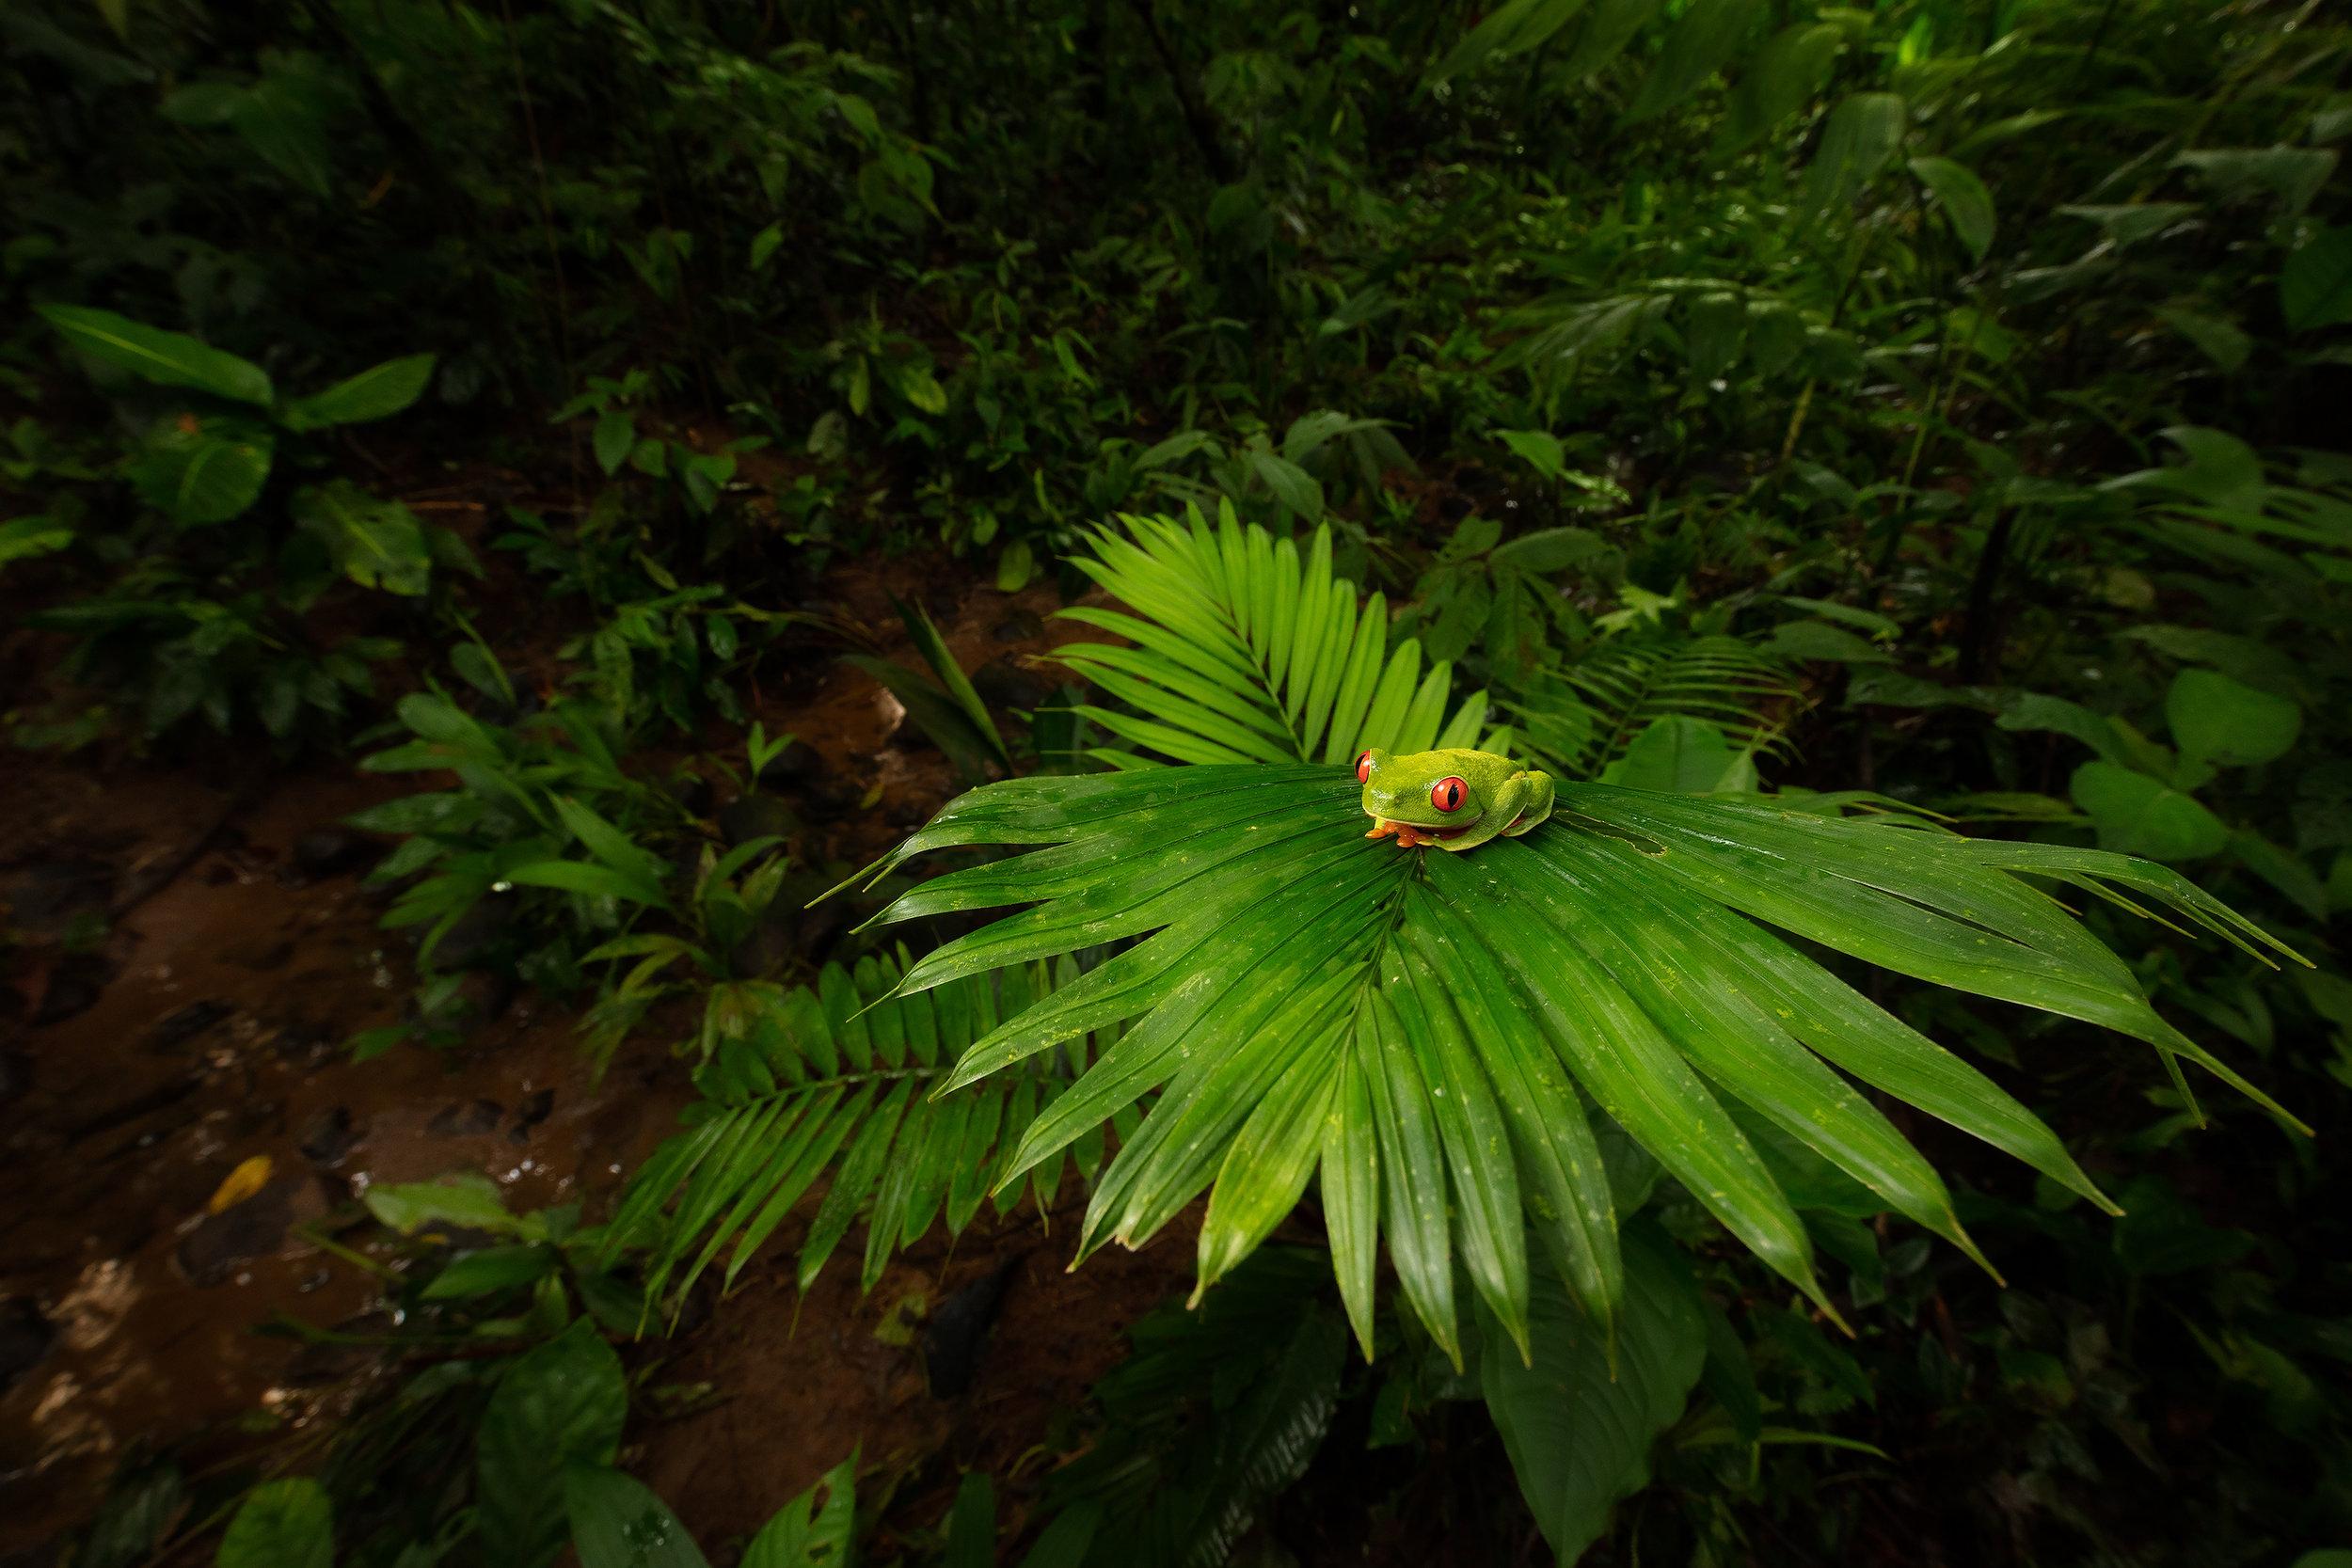 BASCO-tree-frog-in-forest.jpg